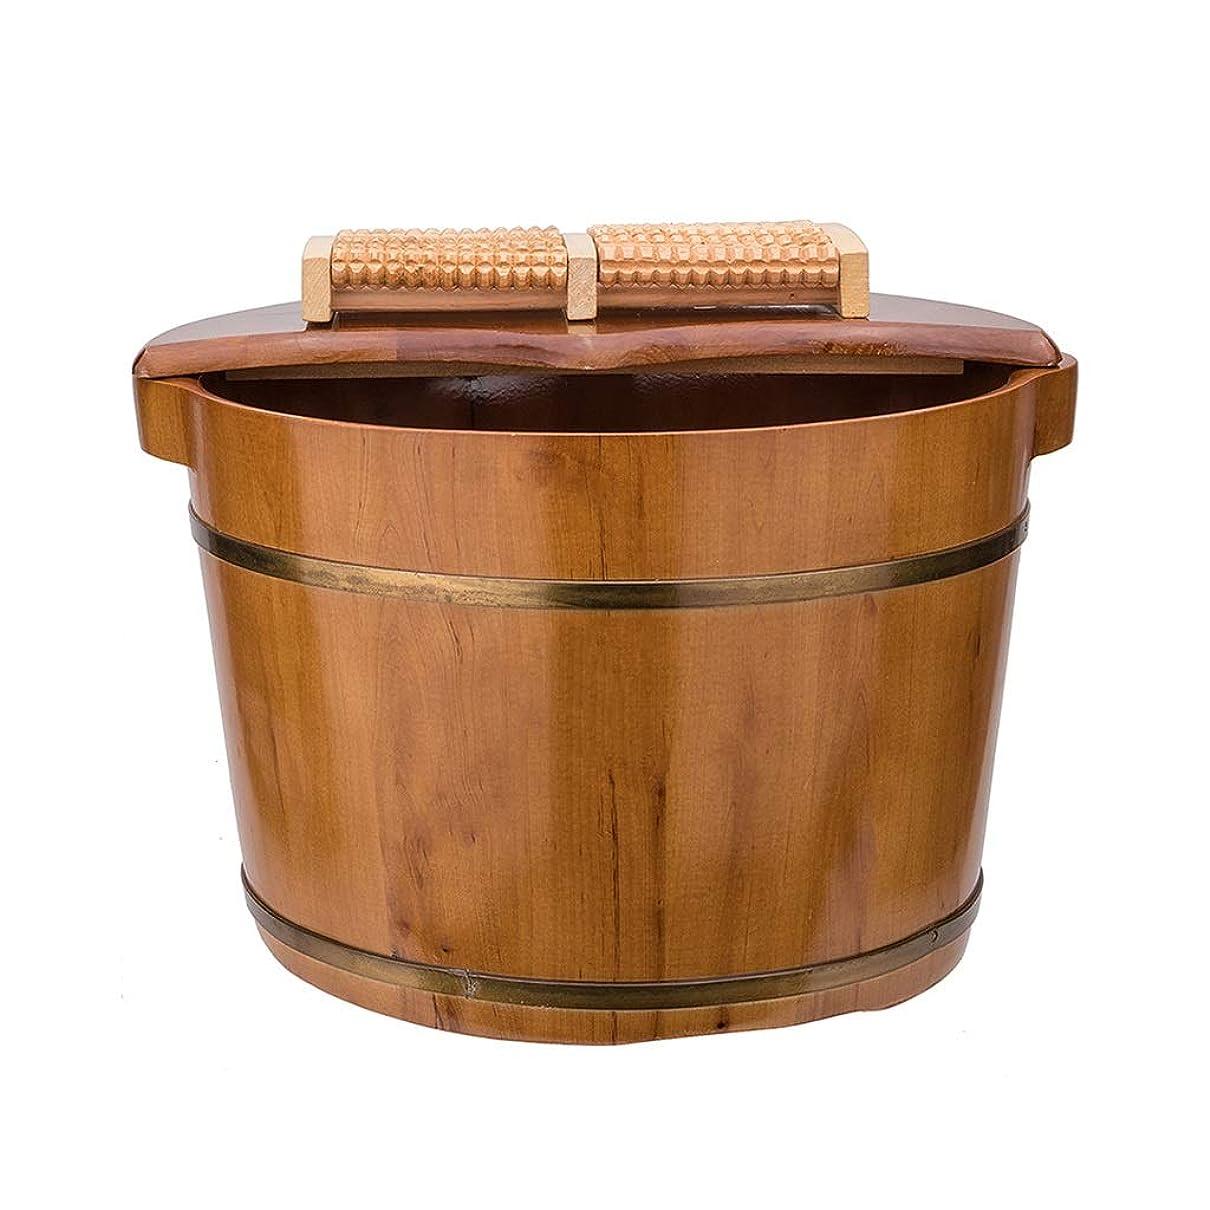 出身地干し草シャッター木製サウナバケツ,防水 防漏足浴桶,使用簡単 おしゃれ サウナバケッ,ト滑らかい 繊細 手作り